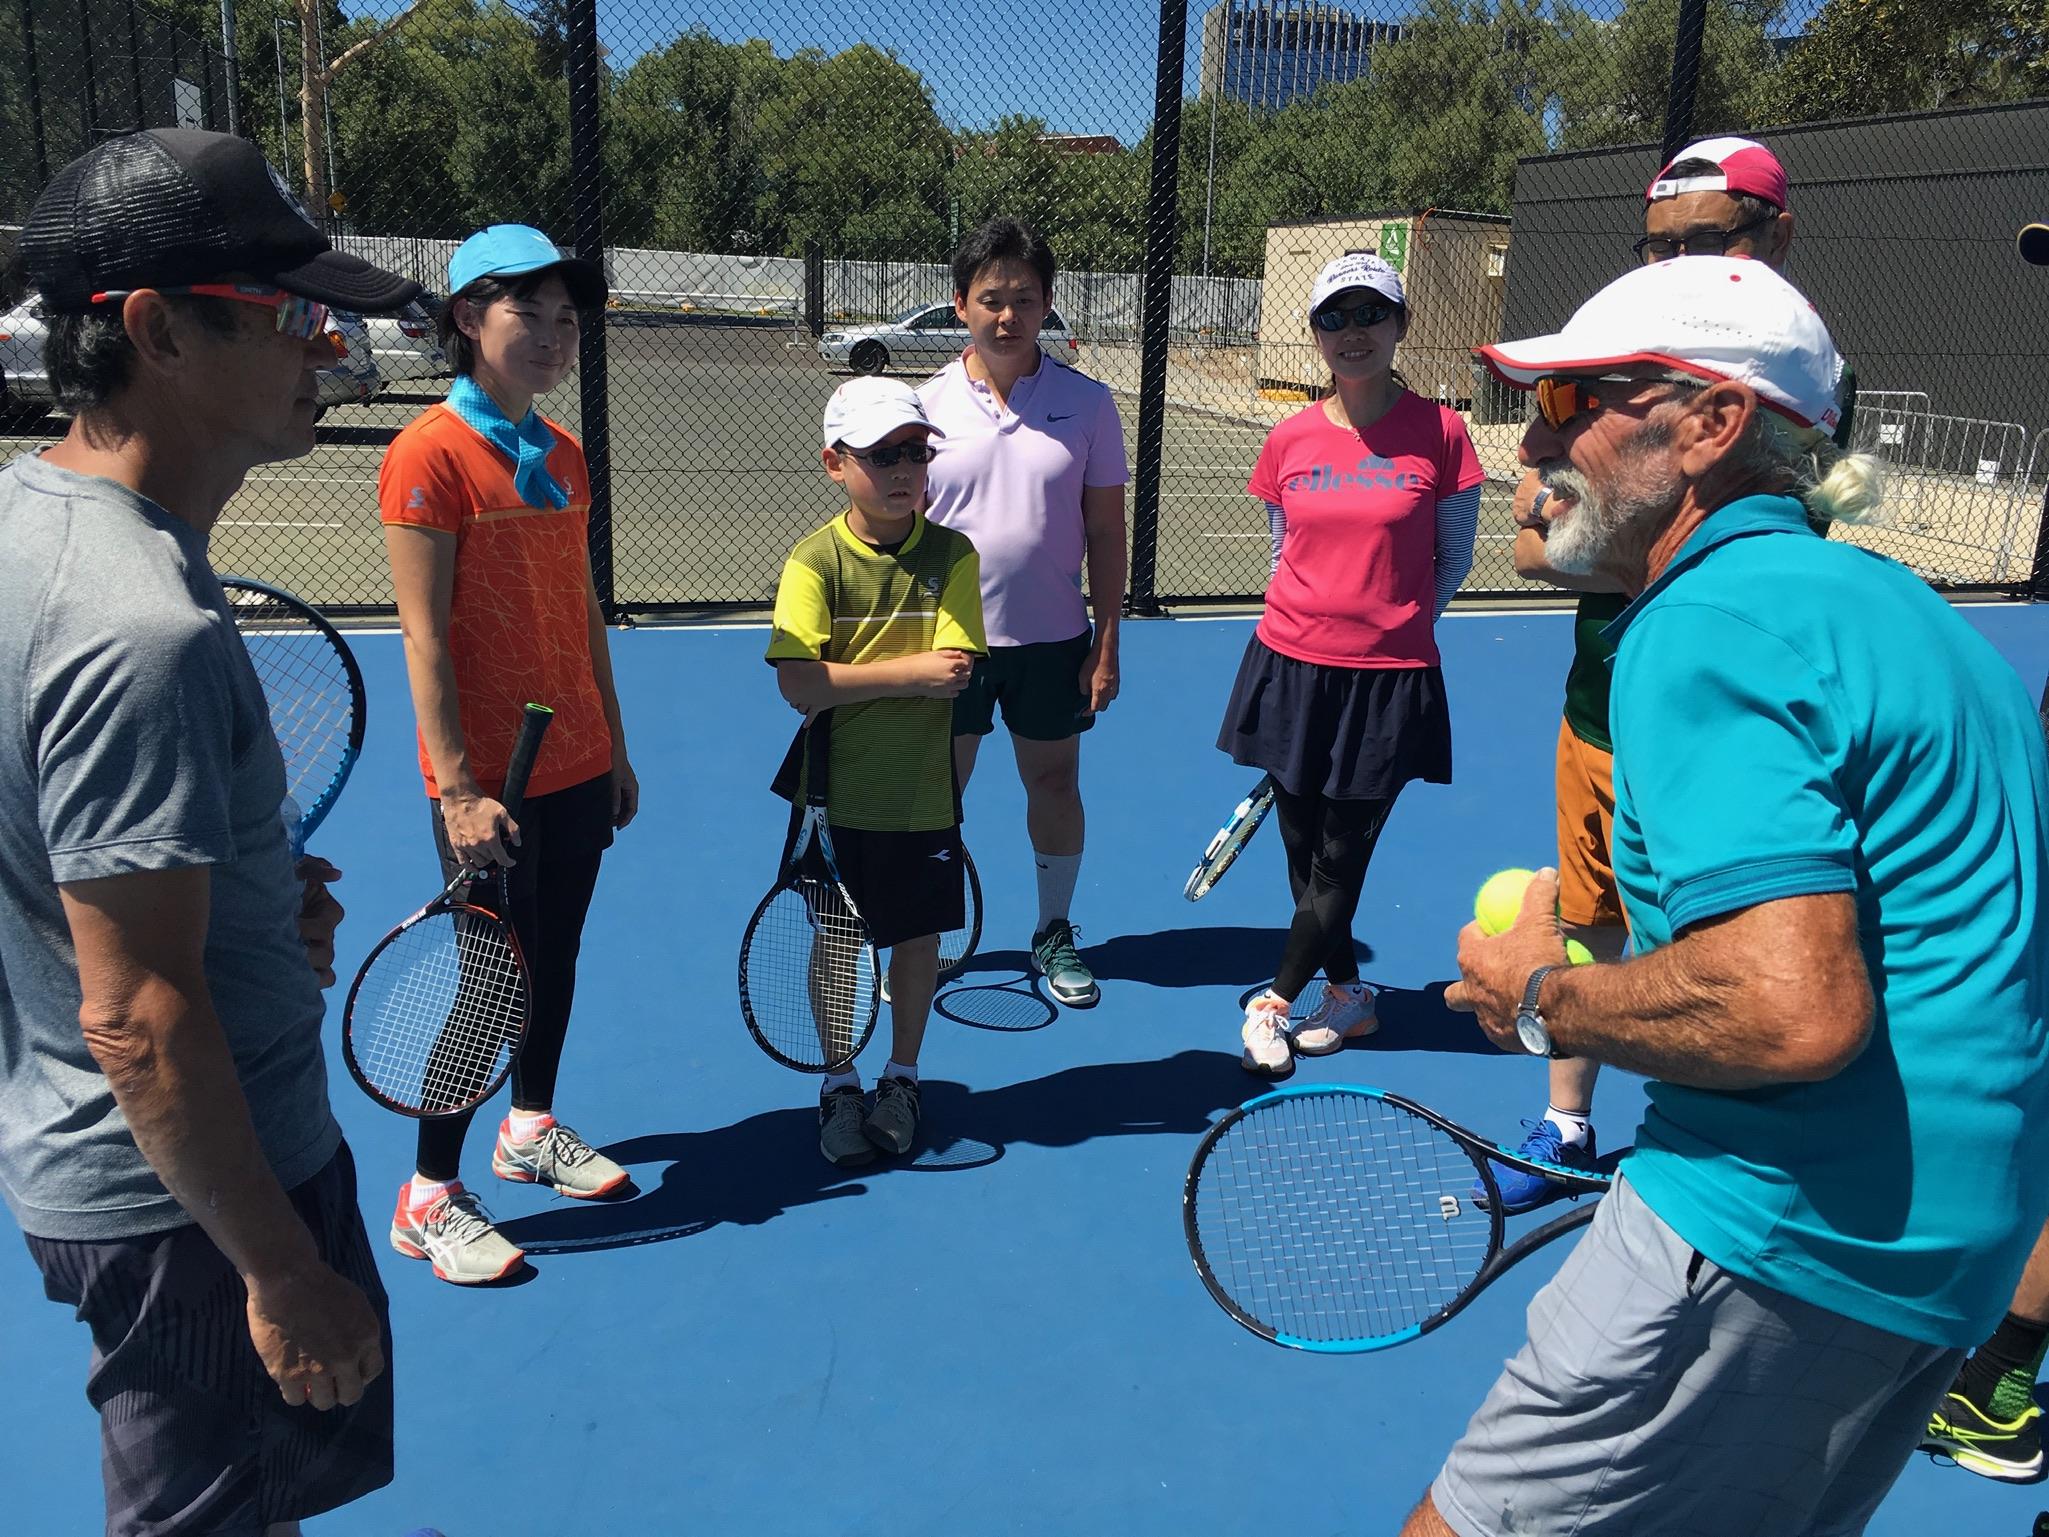 オーストラリア テニス夢ツアー2019 2日目 | テニス留学 (株)ライフ ...